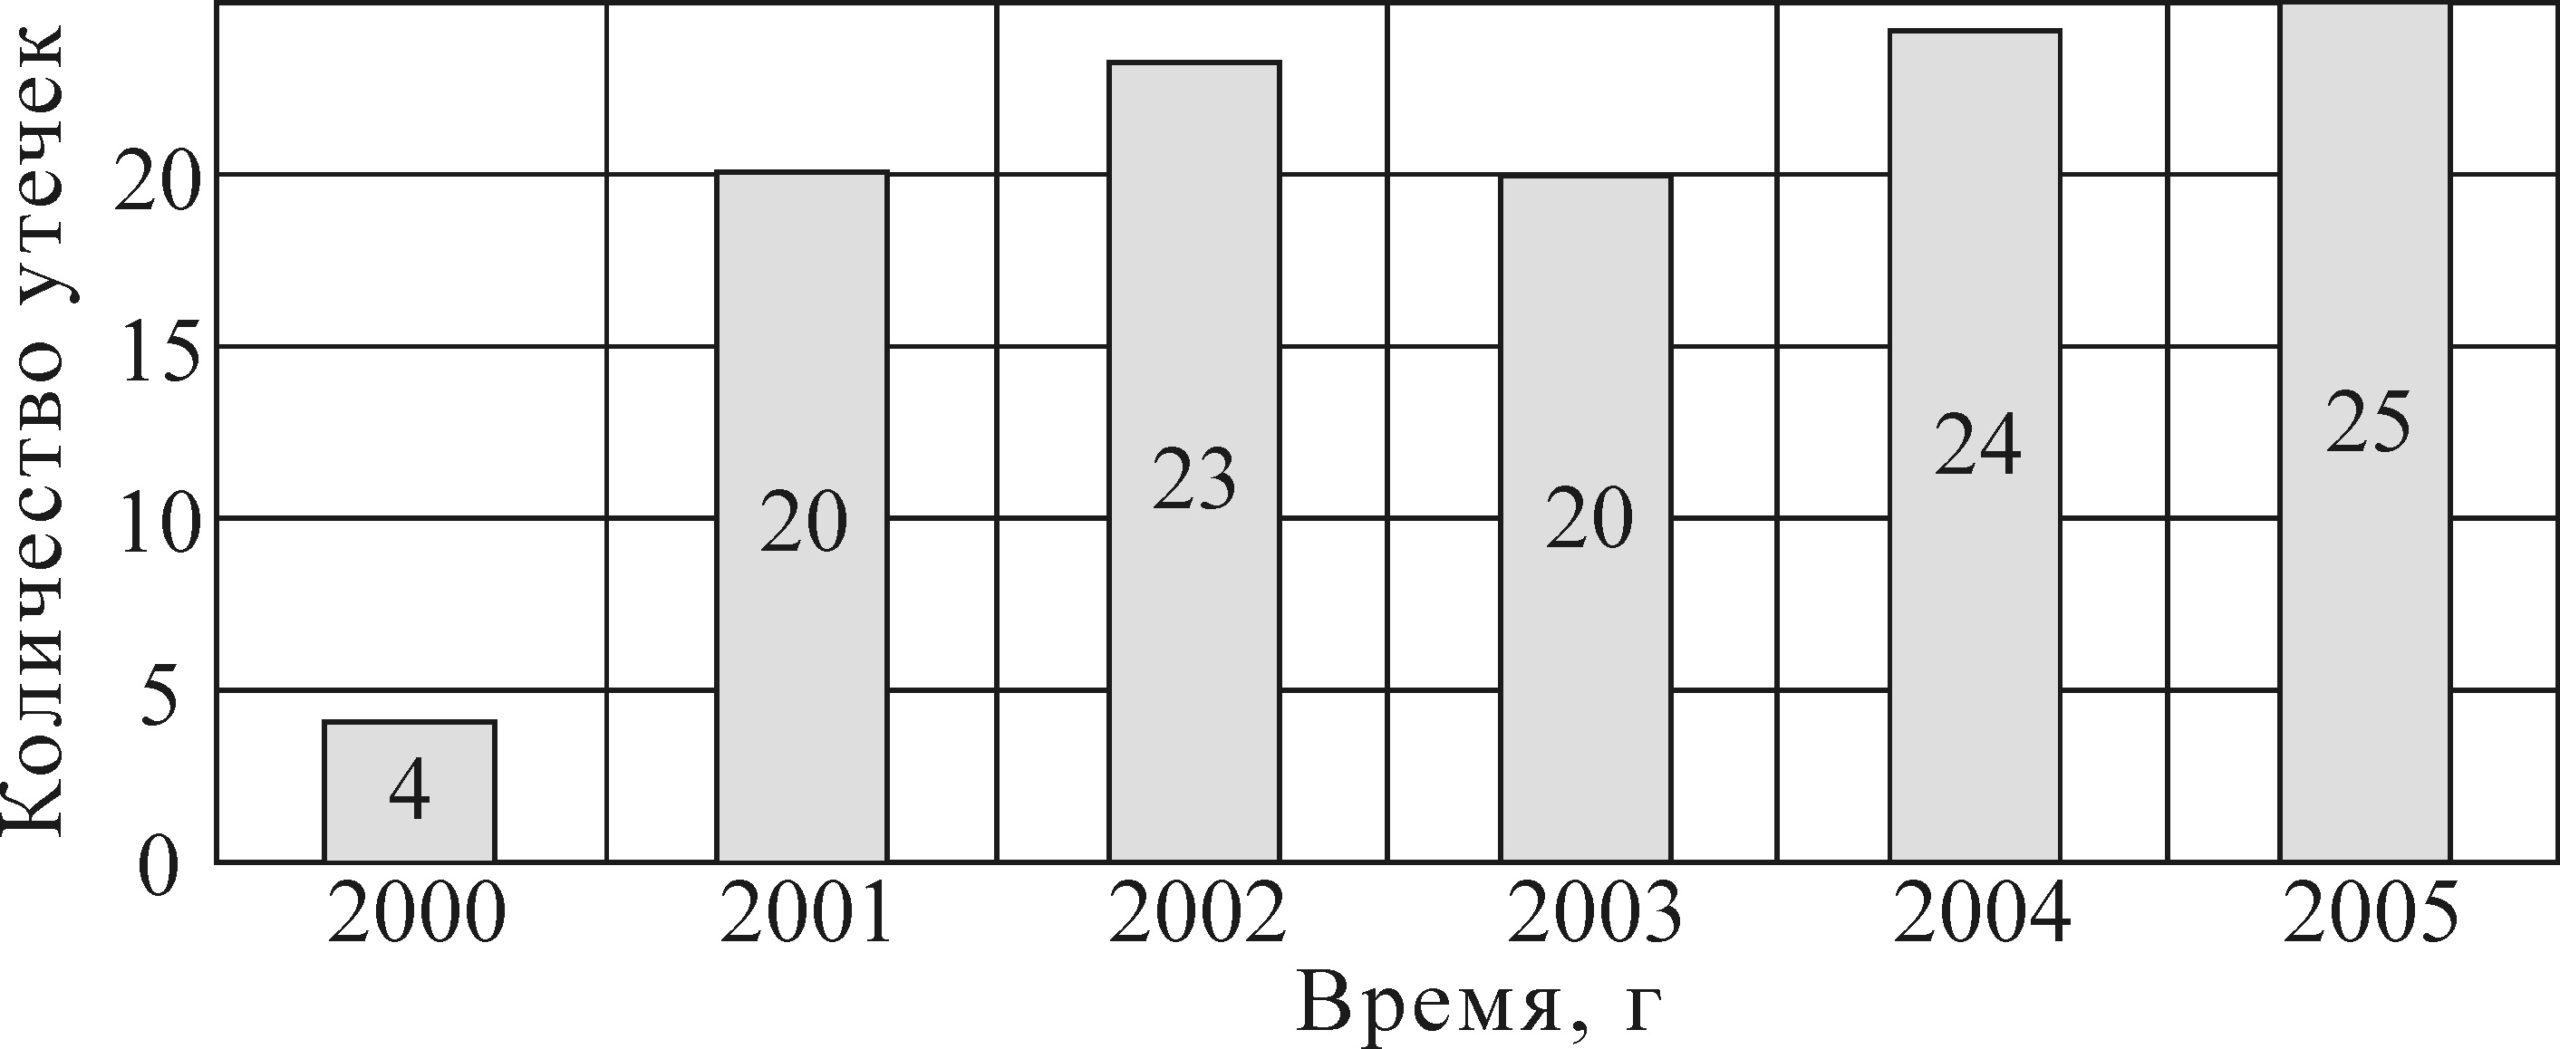 Рисунок 11 – Временная гистограмма распределения общего количества утечек по времени